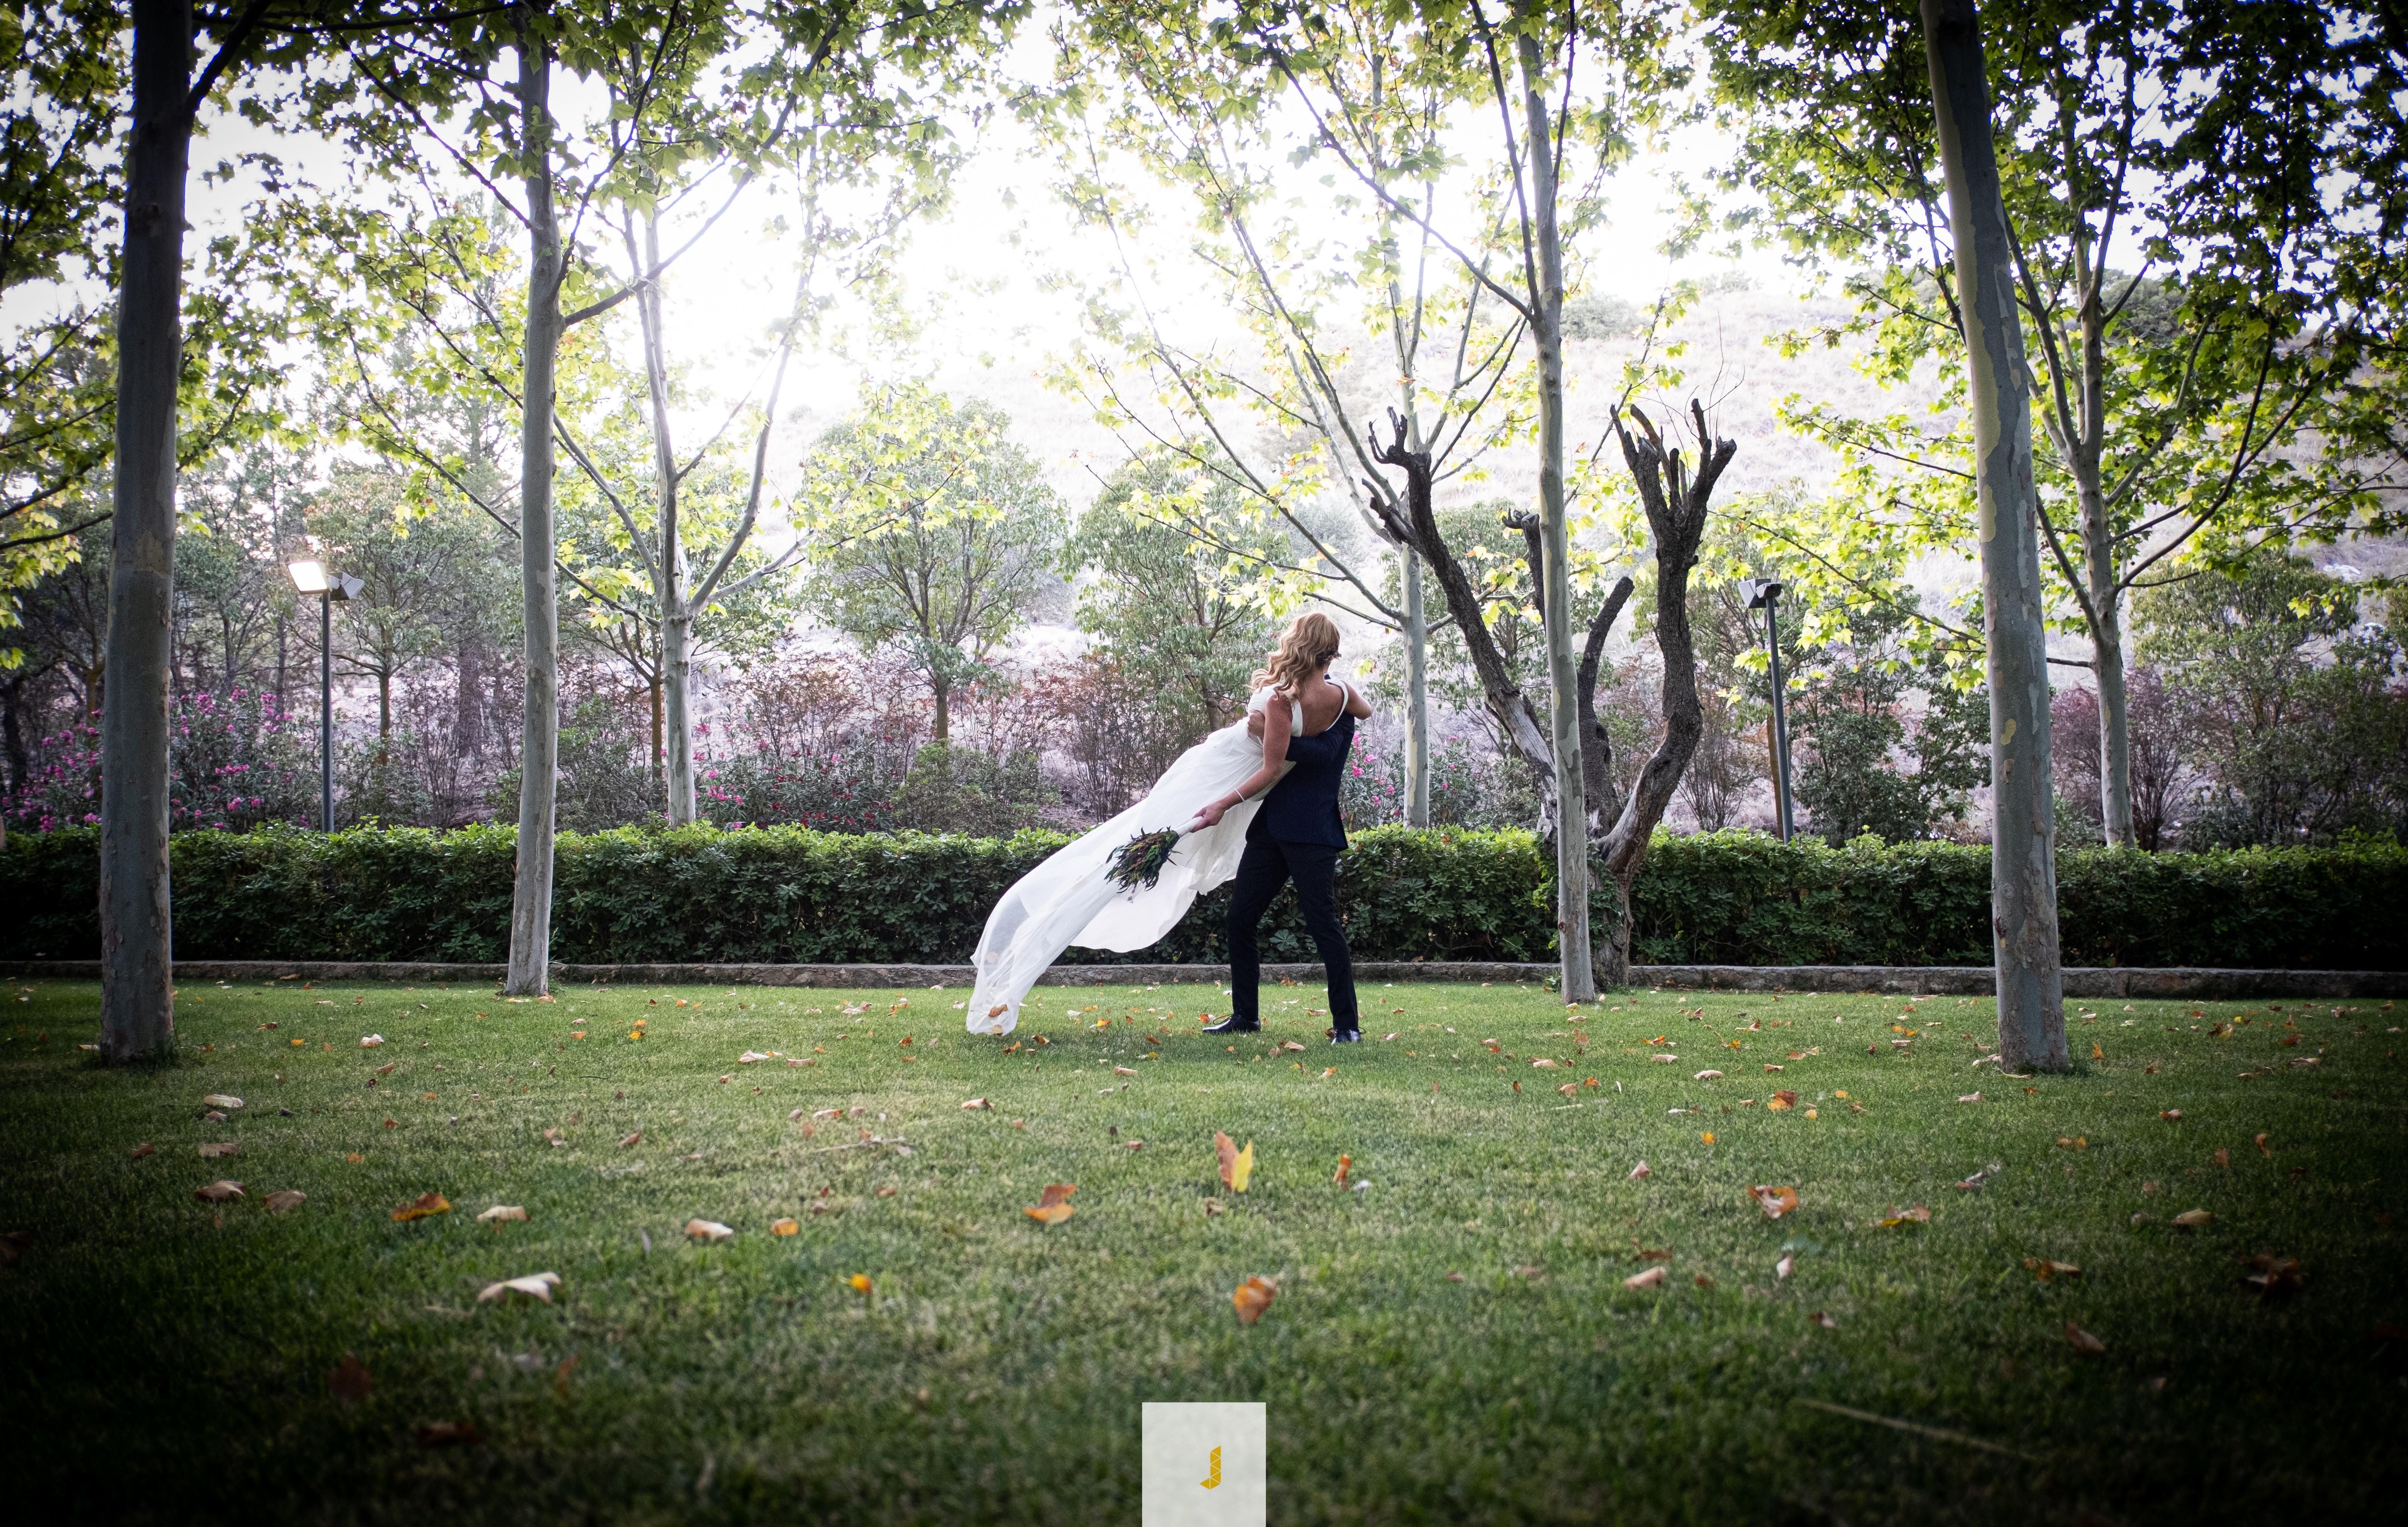 Fotografias de bodas en españa. Fotografias de bodas en Gijon. Fotografias de bodas en Malaga. dia mas especial de tu vida. Natural wedding